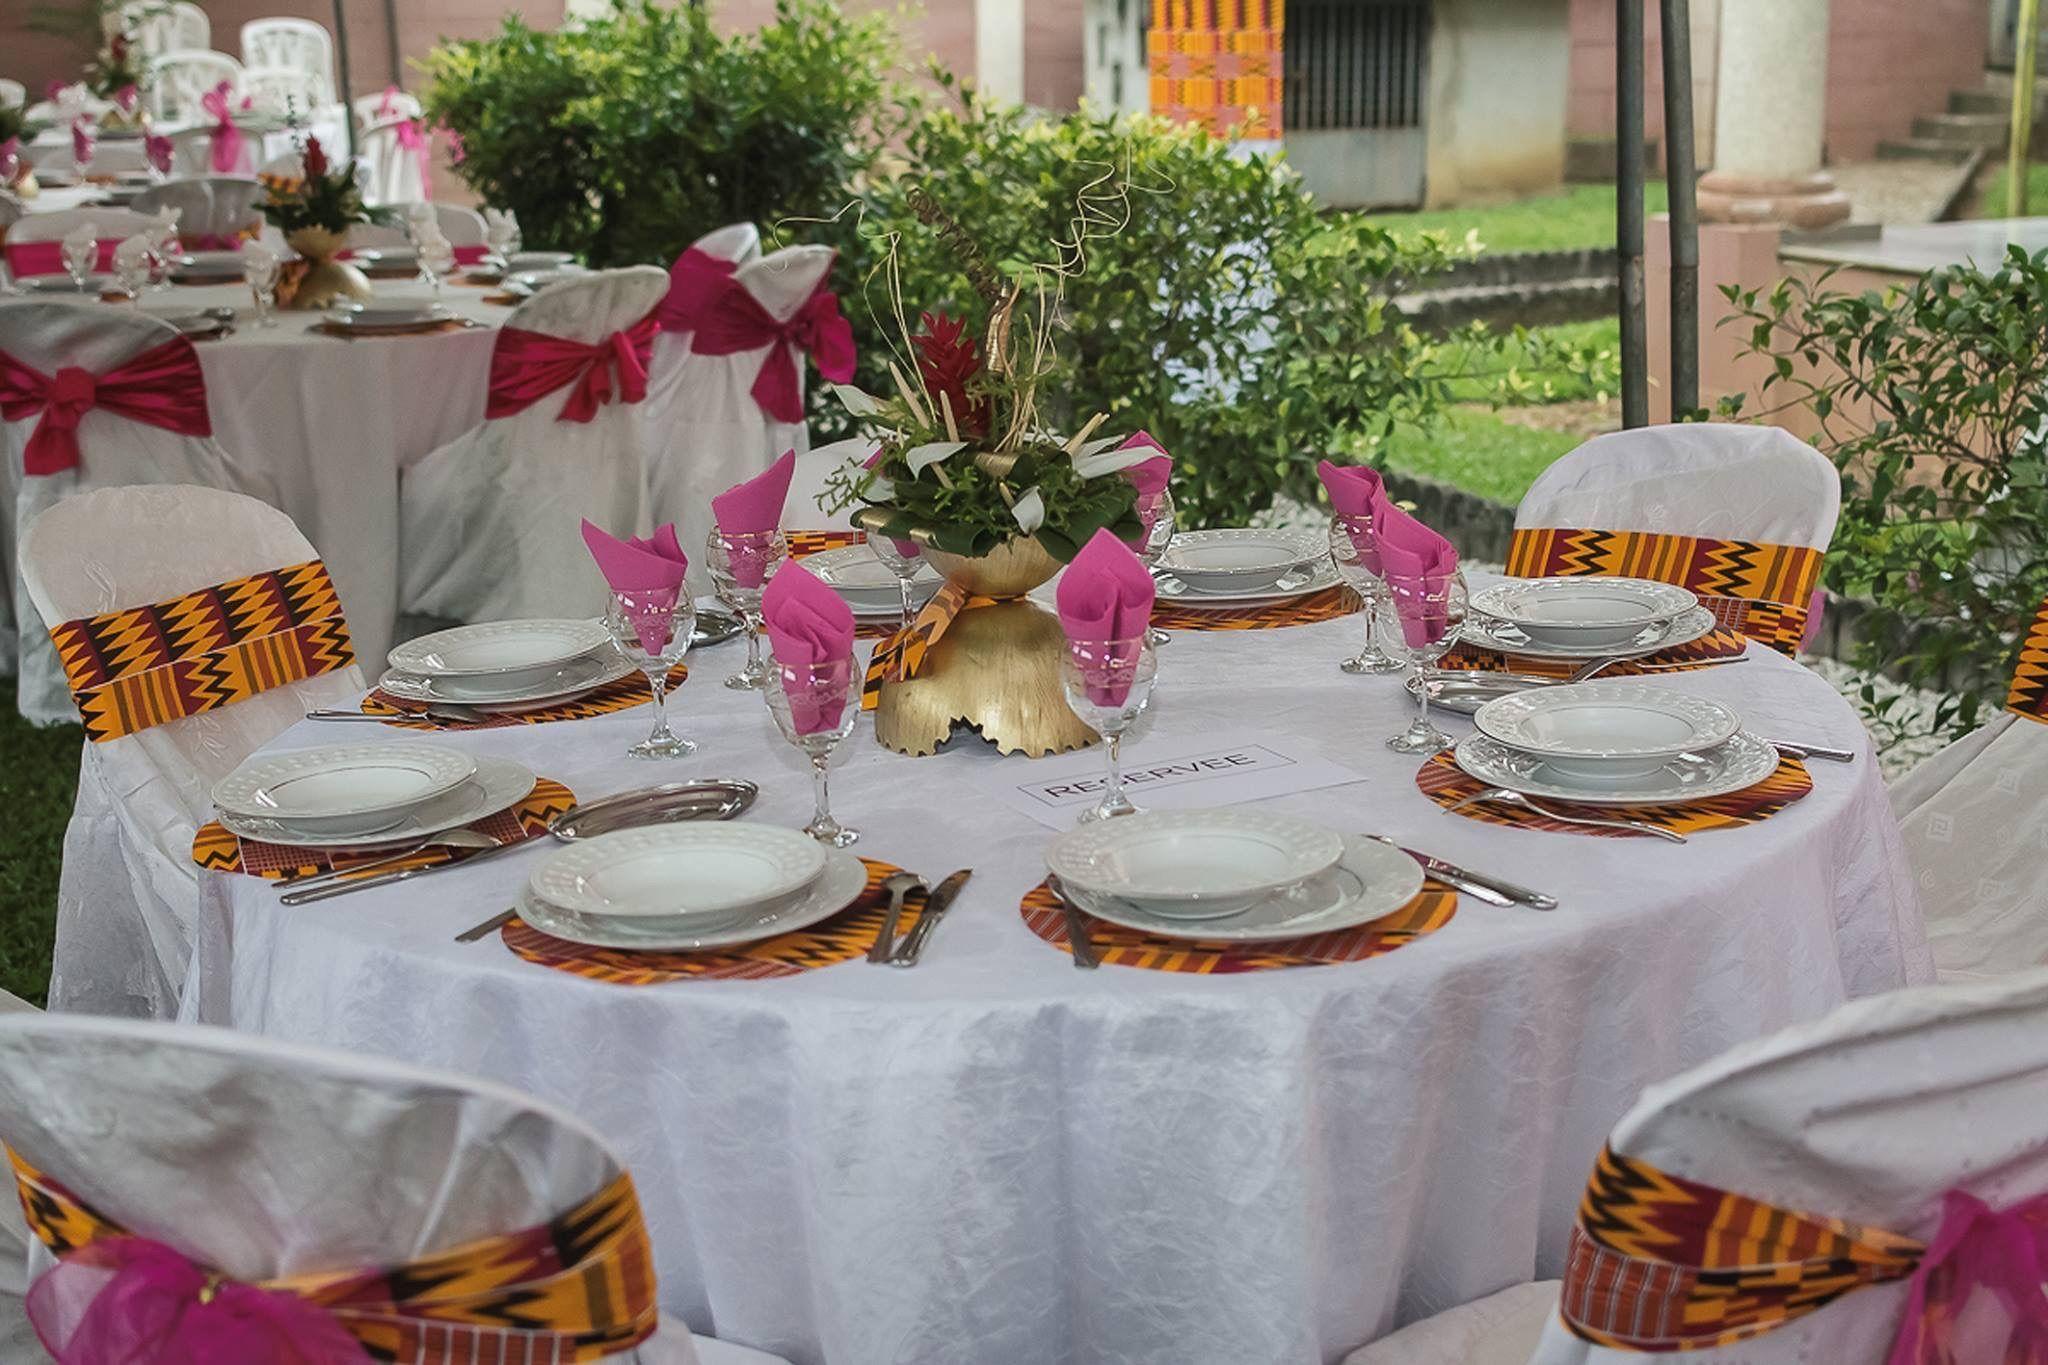 Table de r ception en rci 1 pinterest deko - Decoration mariage traditionnel ...